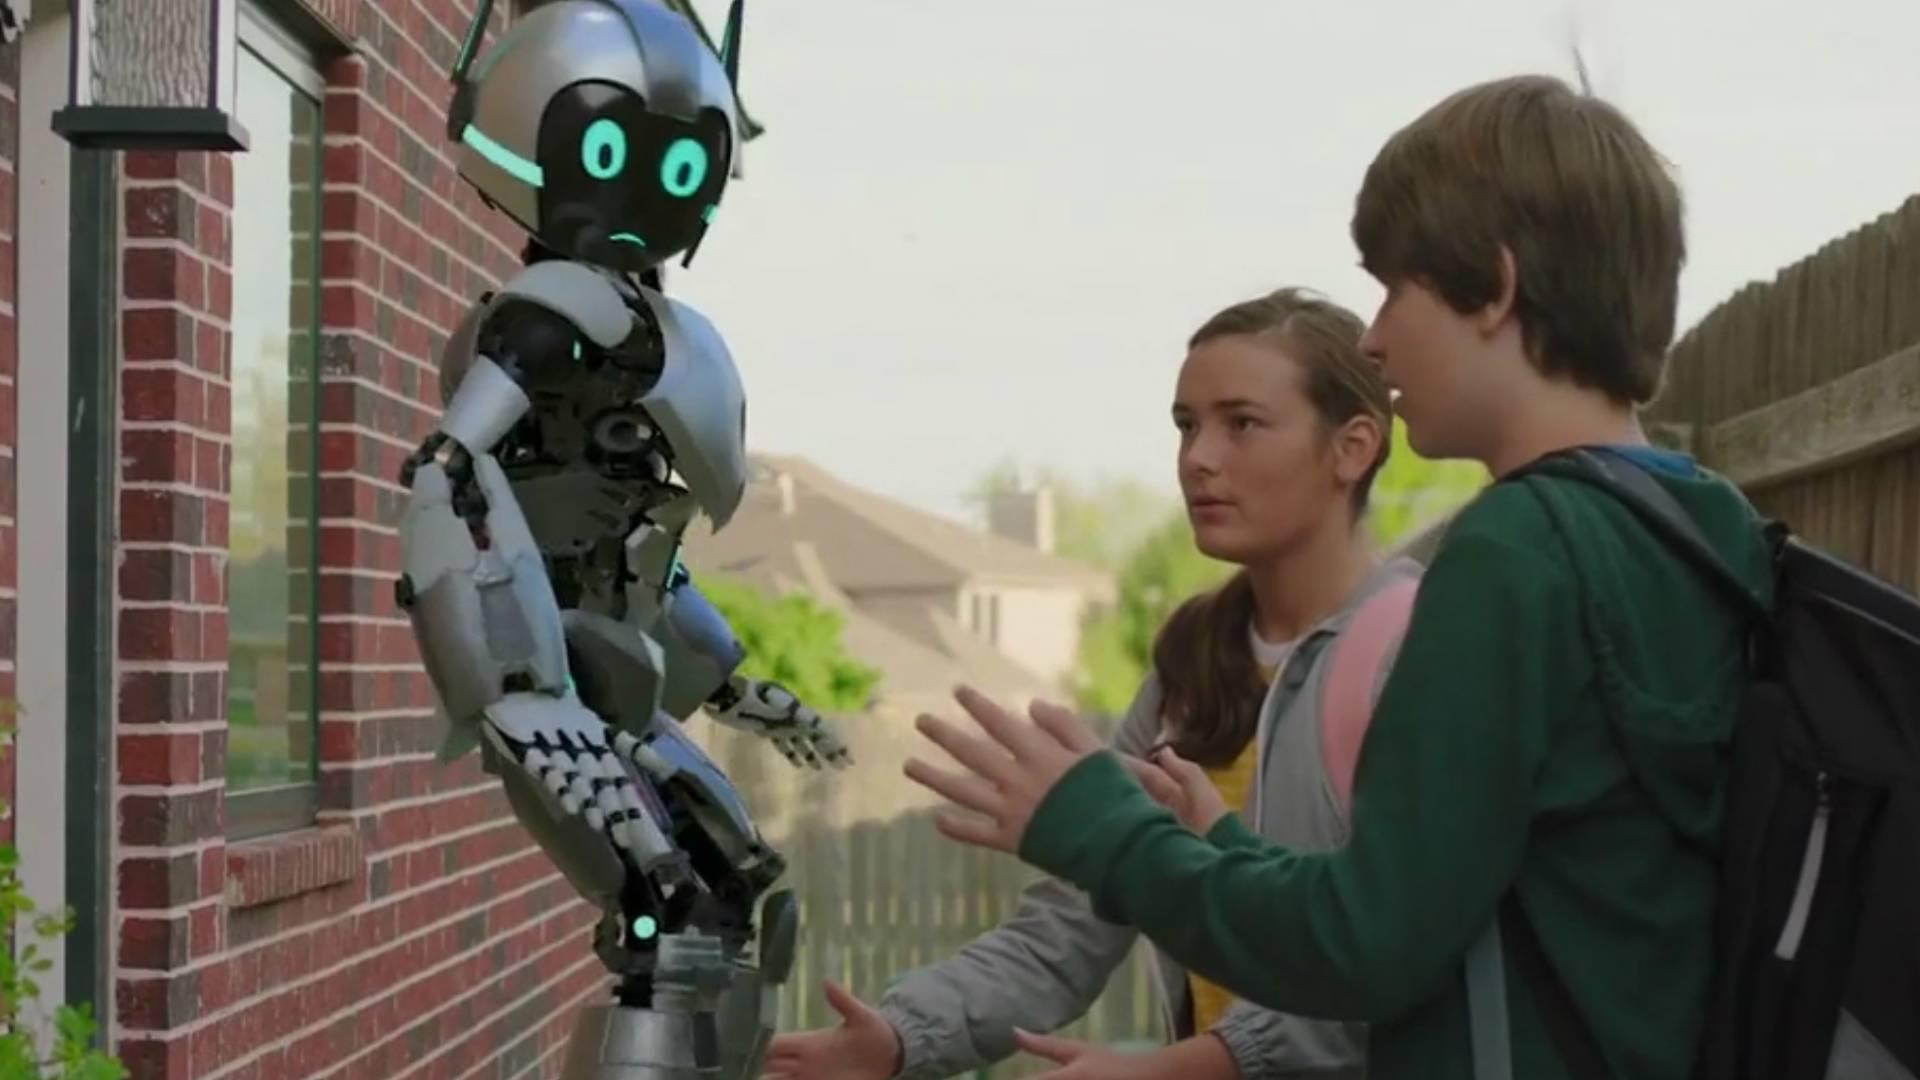 报废机器人被男孩复活,和他合体成机器人战士,最新科幻冒险电影